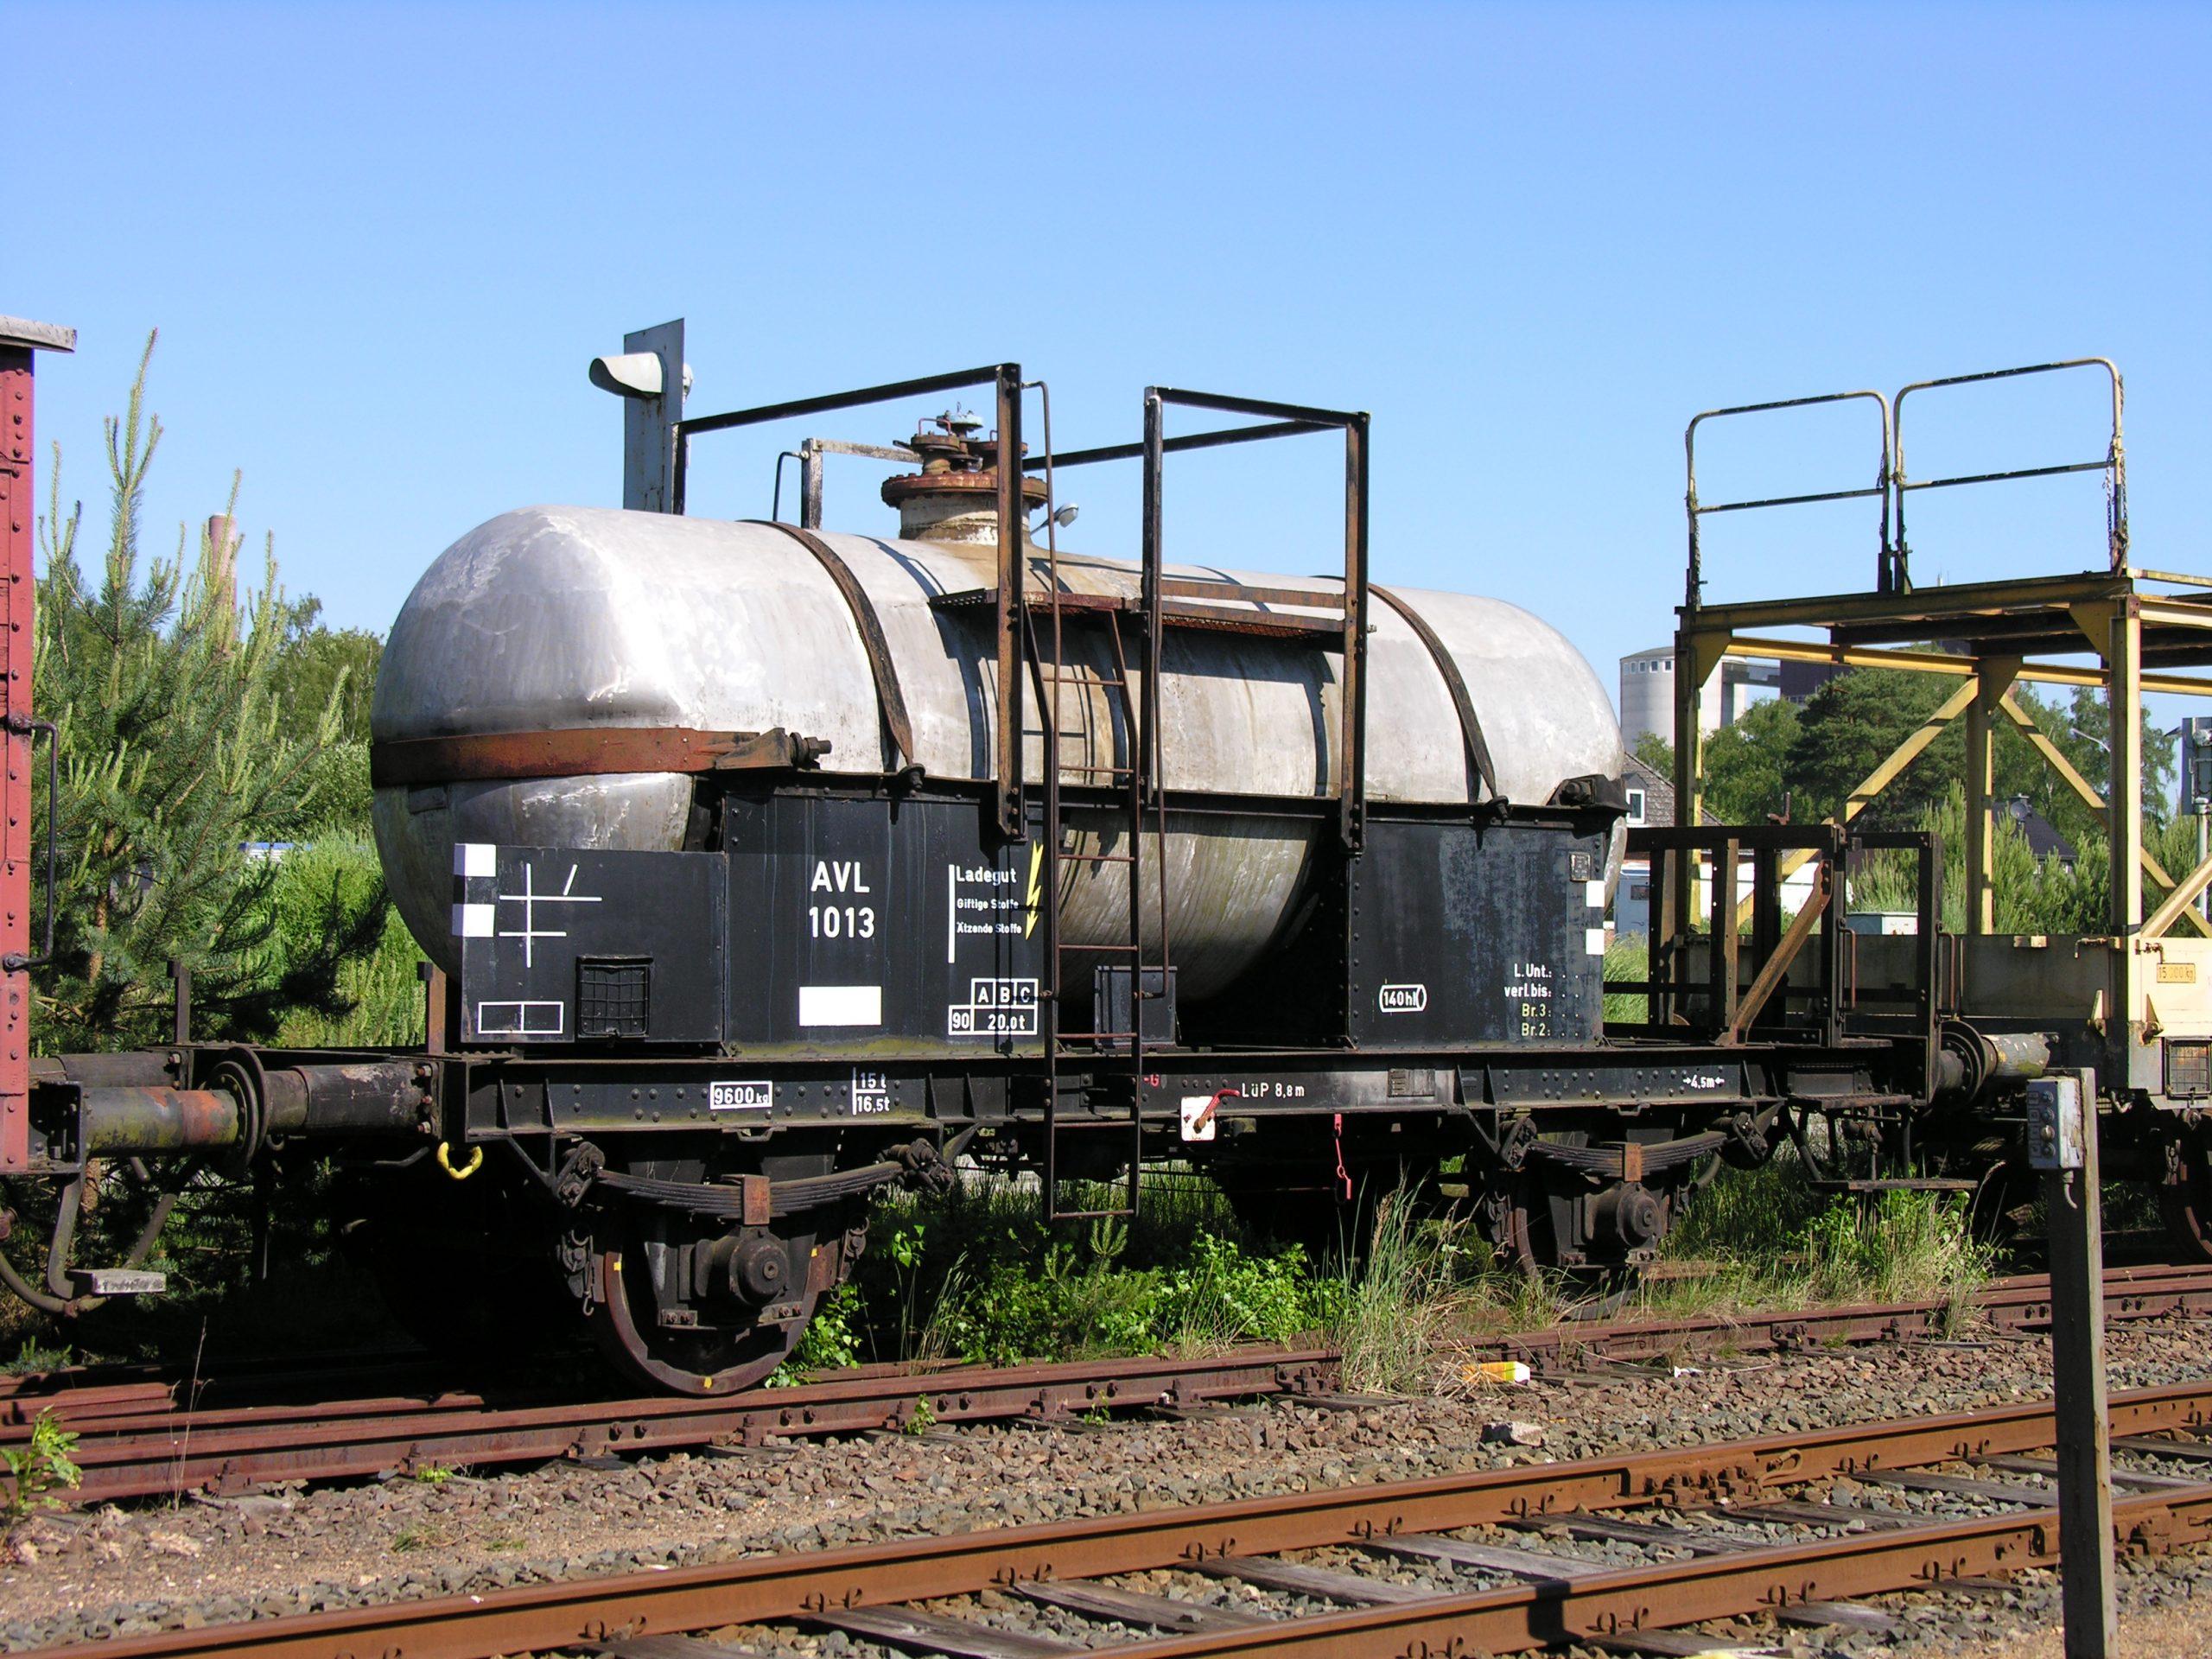 Güterwagen 1013